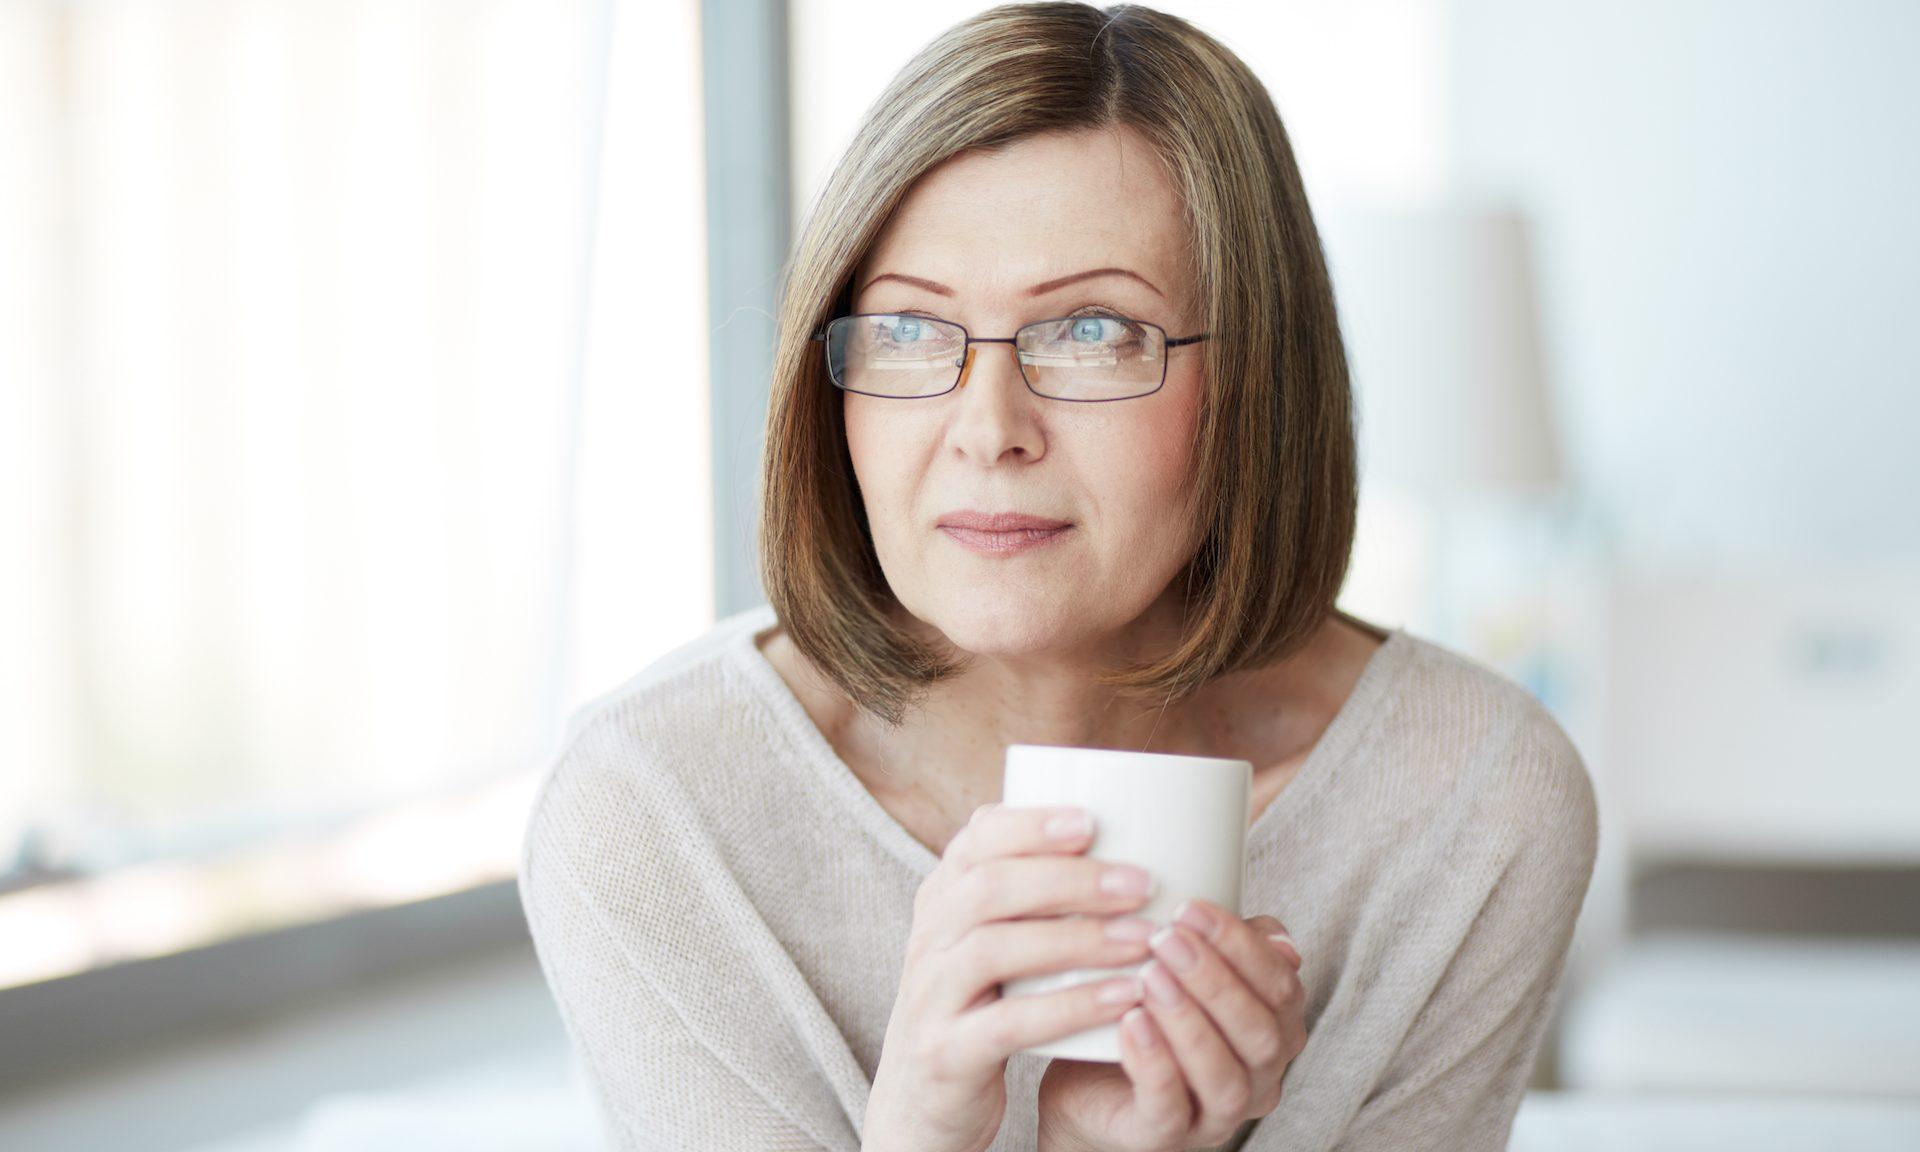 Po 40 zaczyna się nowe życie, jeśli pracujesz nad sobą - o psychoterapii i treningu rozwoju